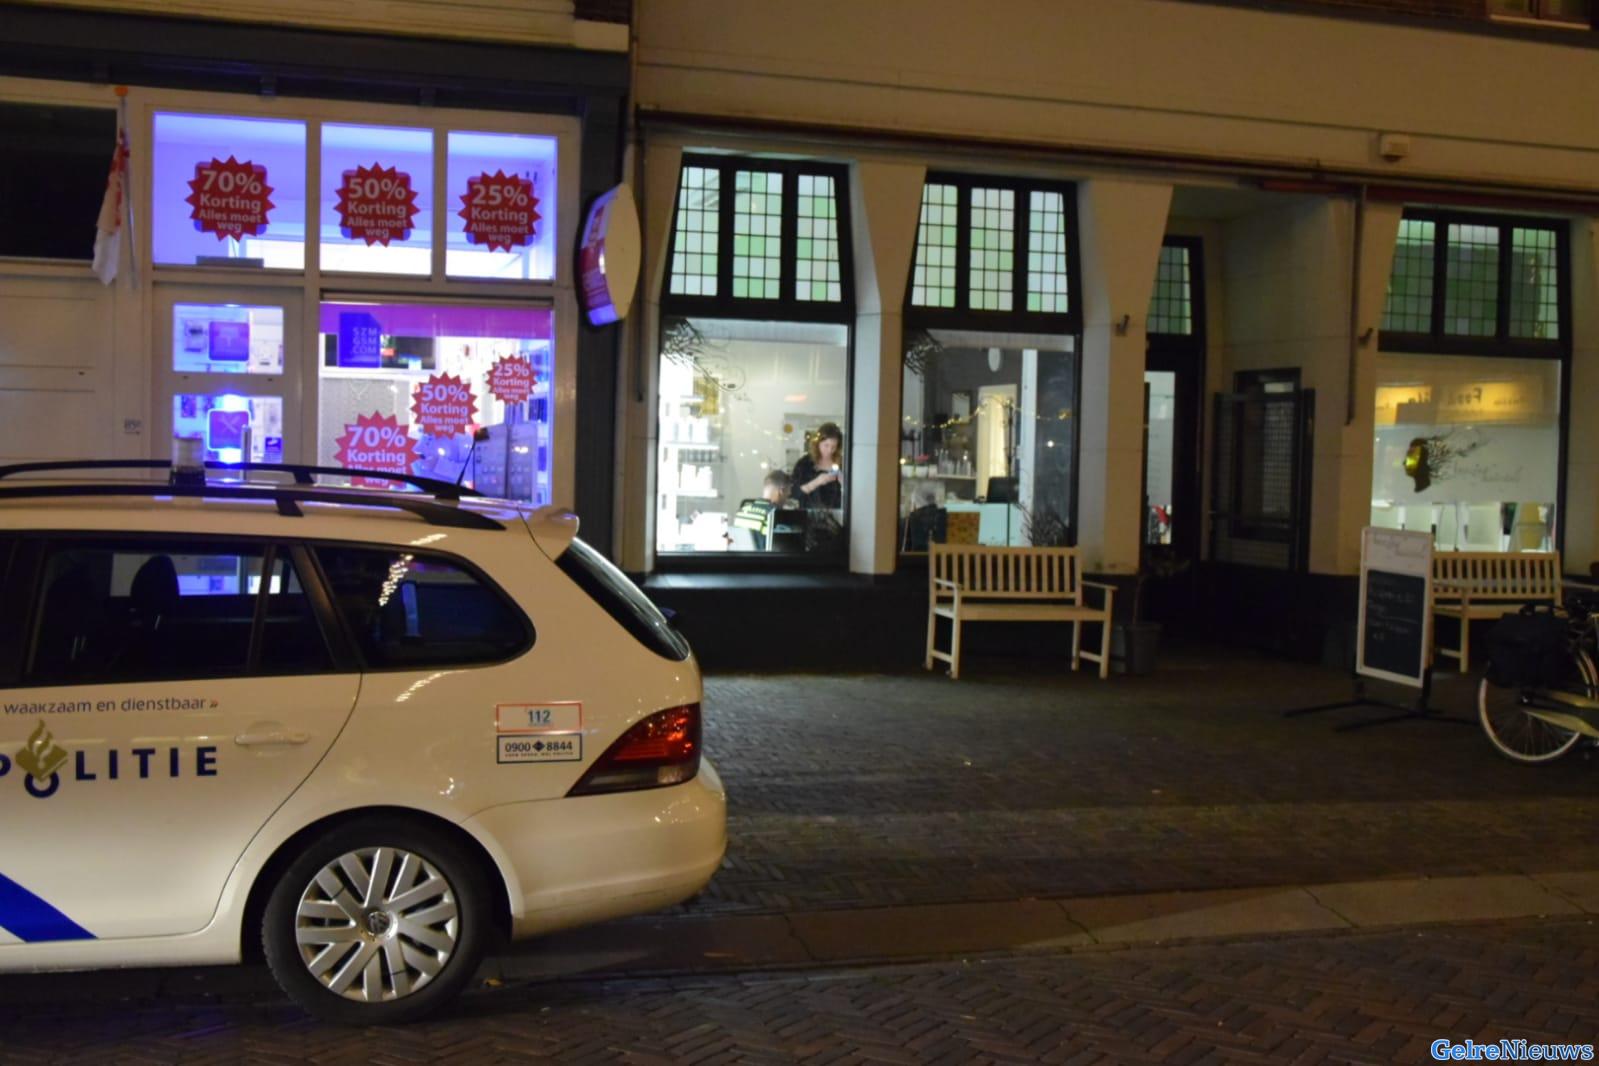 Overval op kapperszaak in Arnhem: dader meldt zichzelf bij politie